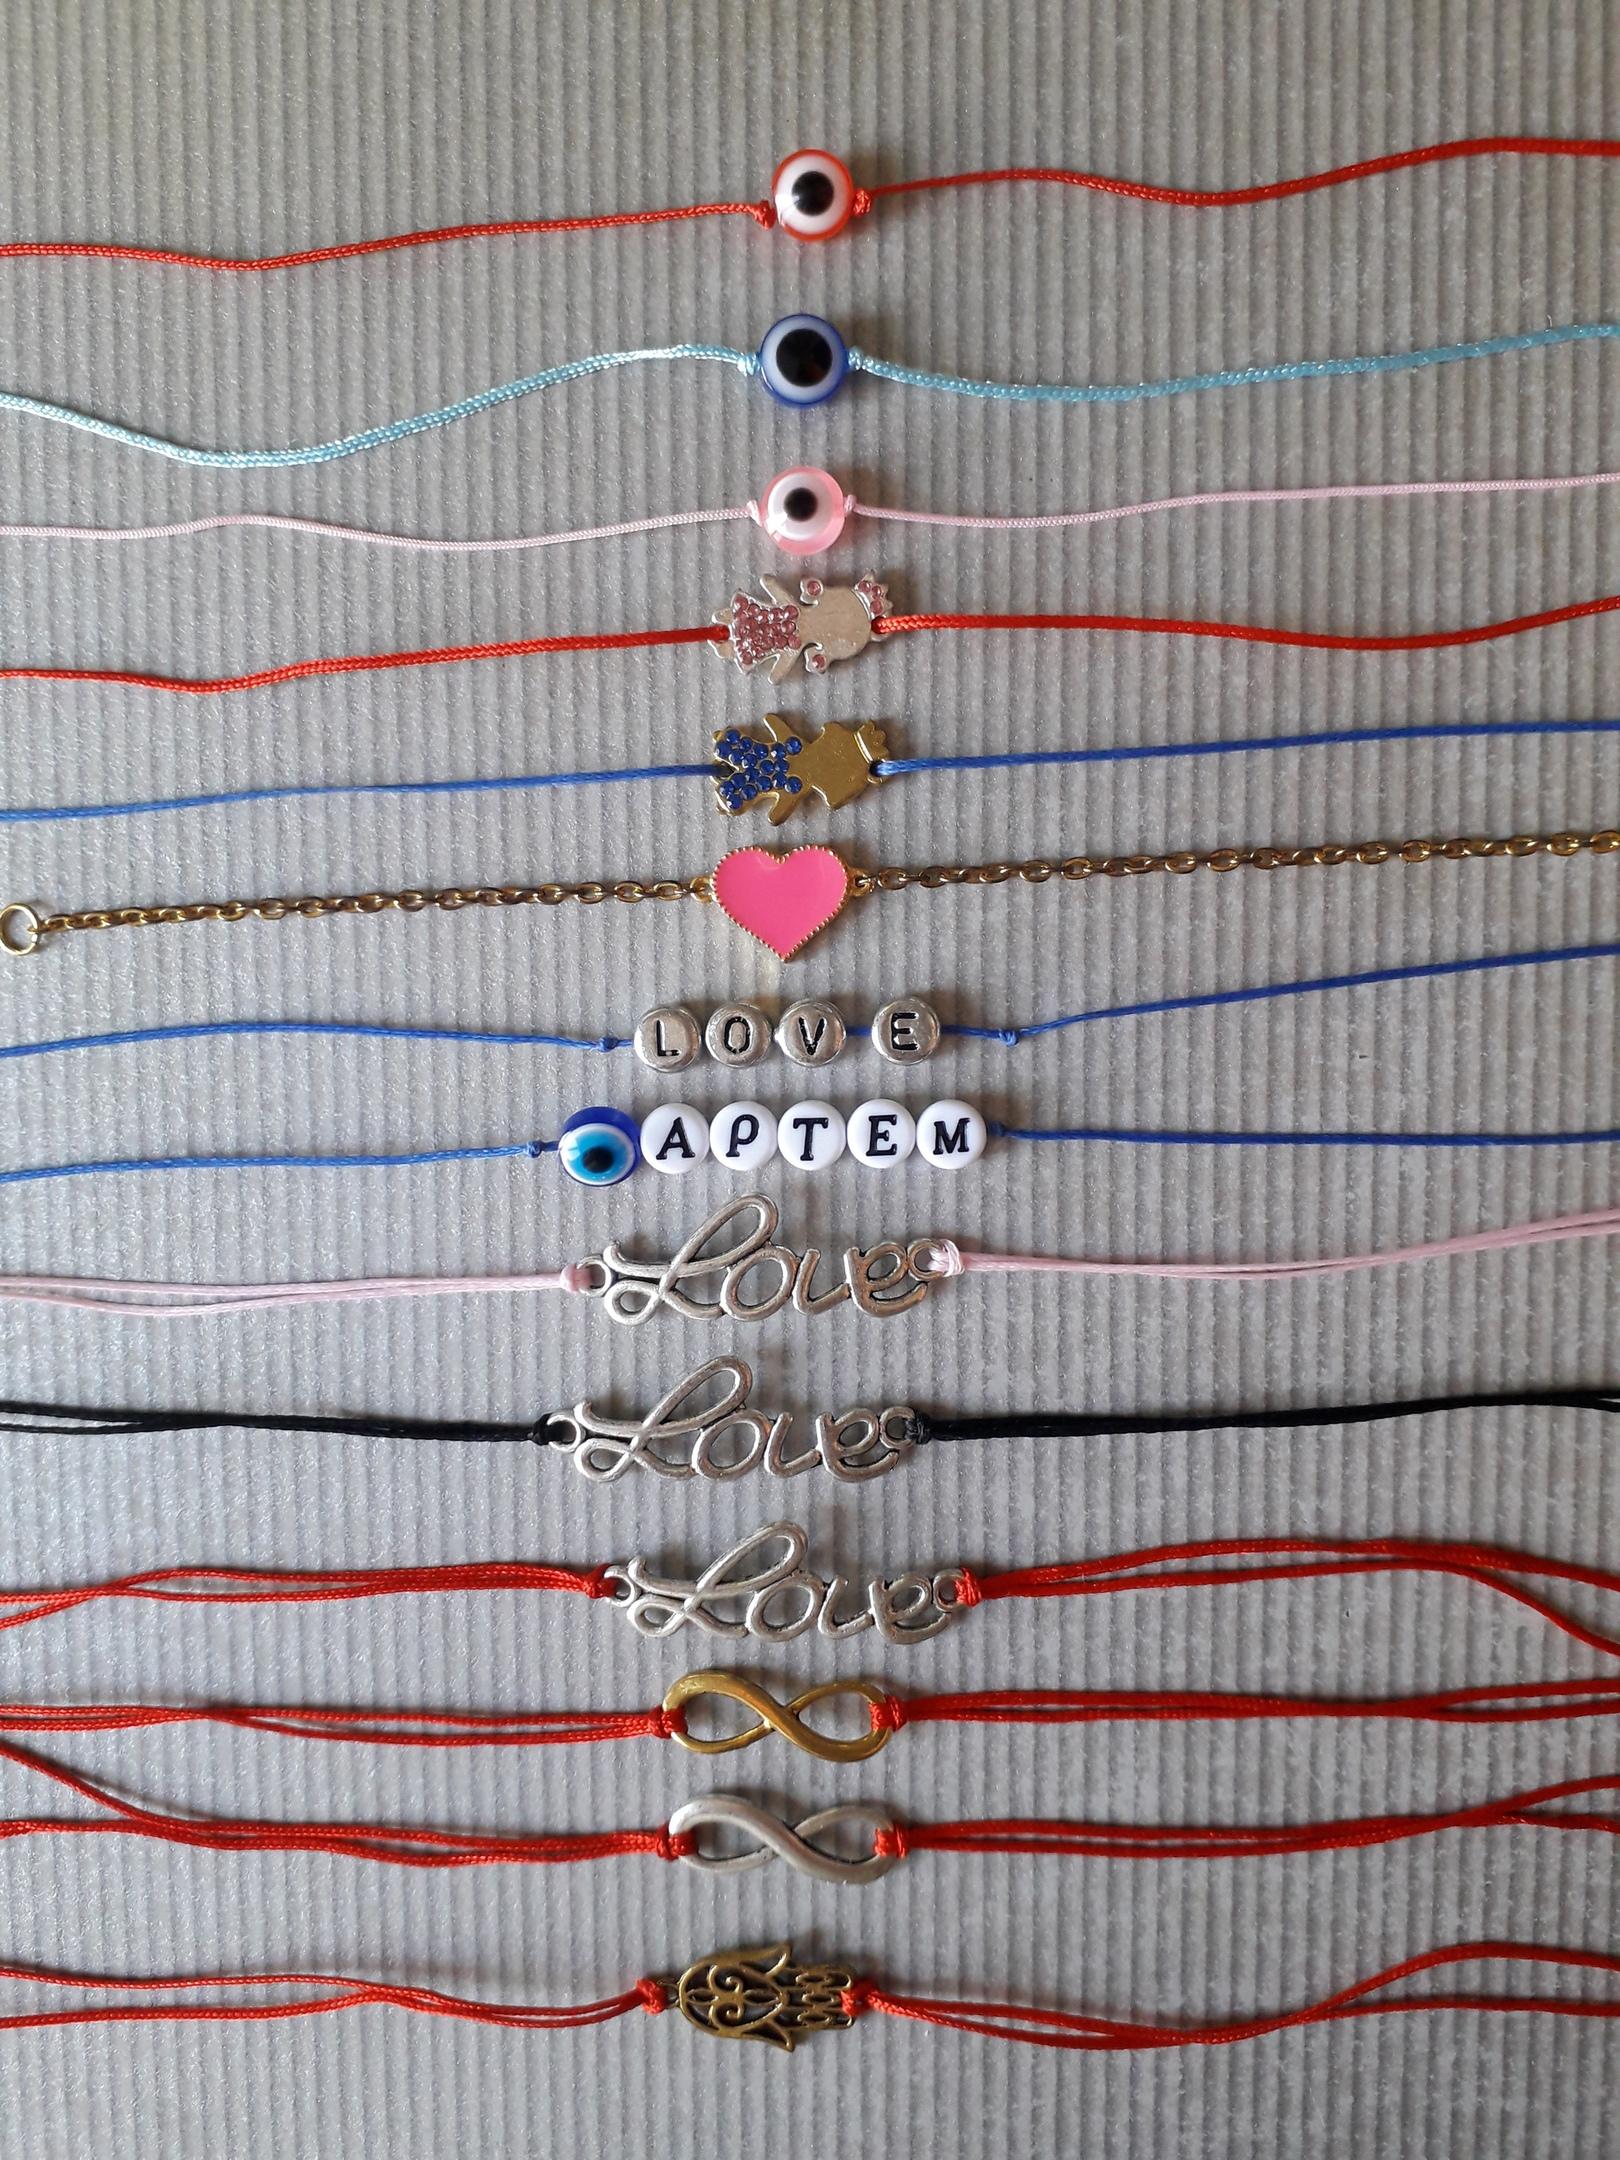 Продаются именные браслеты от сглаза из | Объявления Орска и Новотроицка №1355